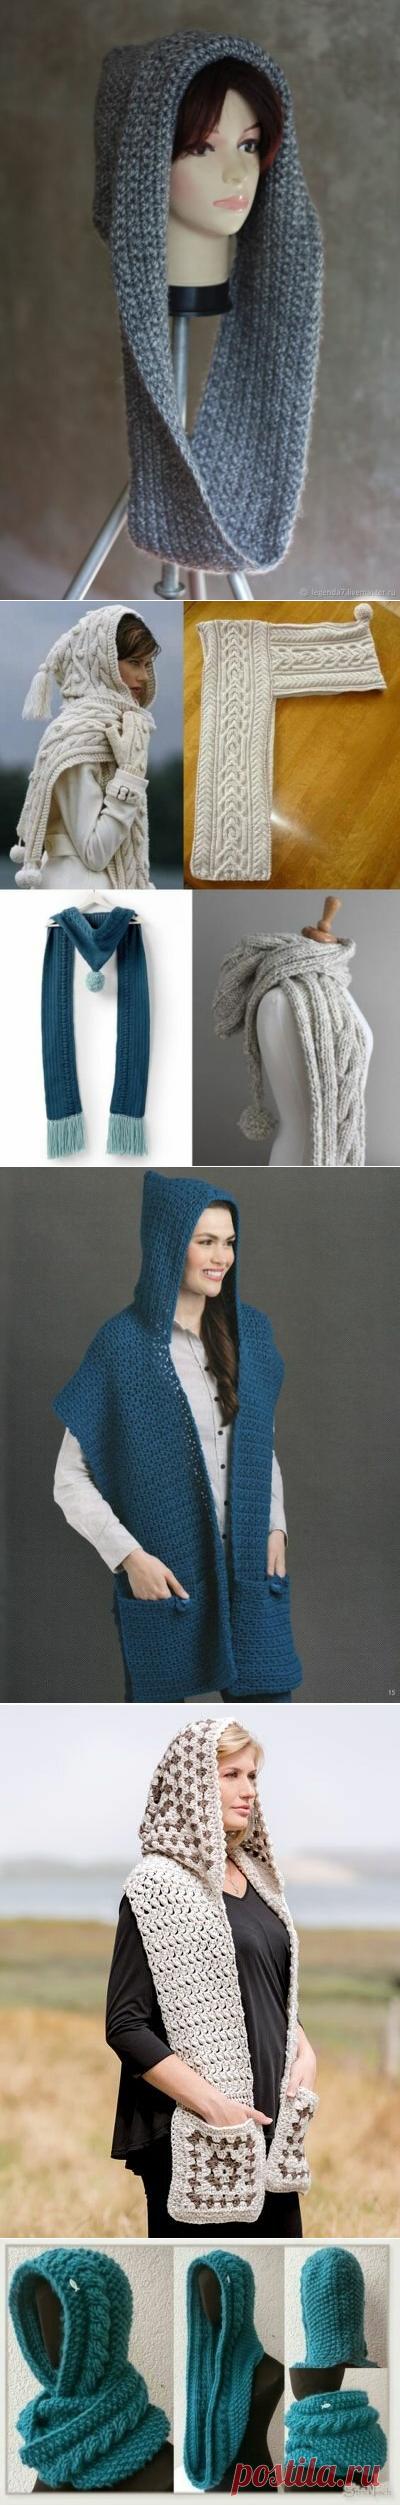 18 необыкновенных вязаных шарфов-капюшонов | Только handmade | Яндекс Дзен